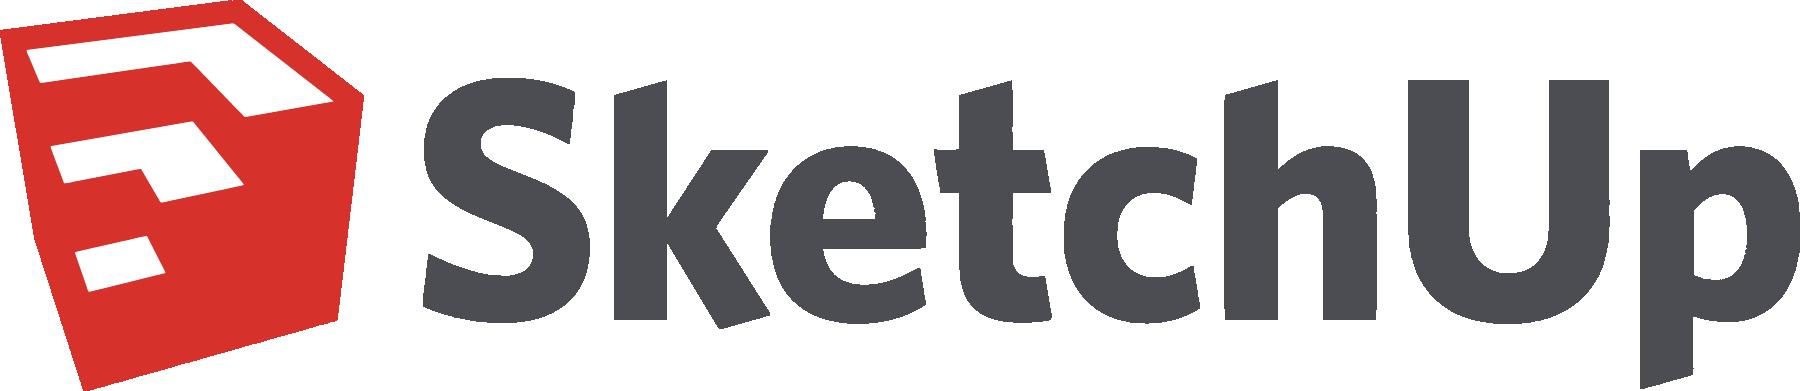 Sketchup-logo - Sketchup Logo Vector PNG